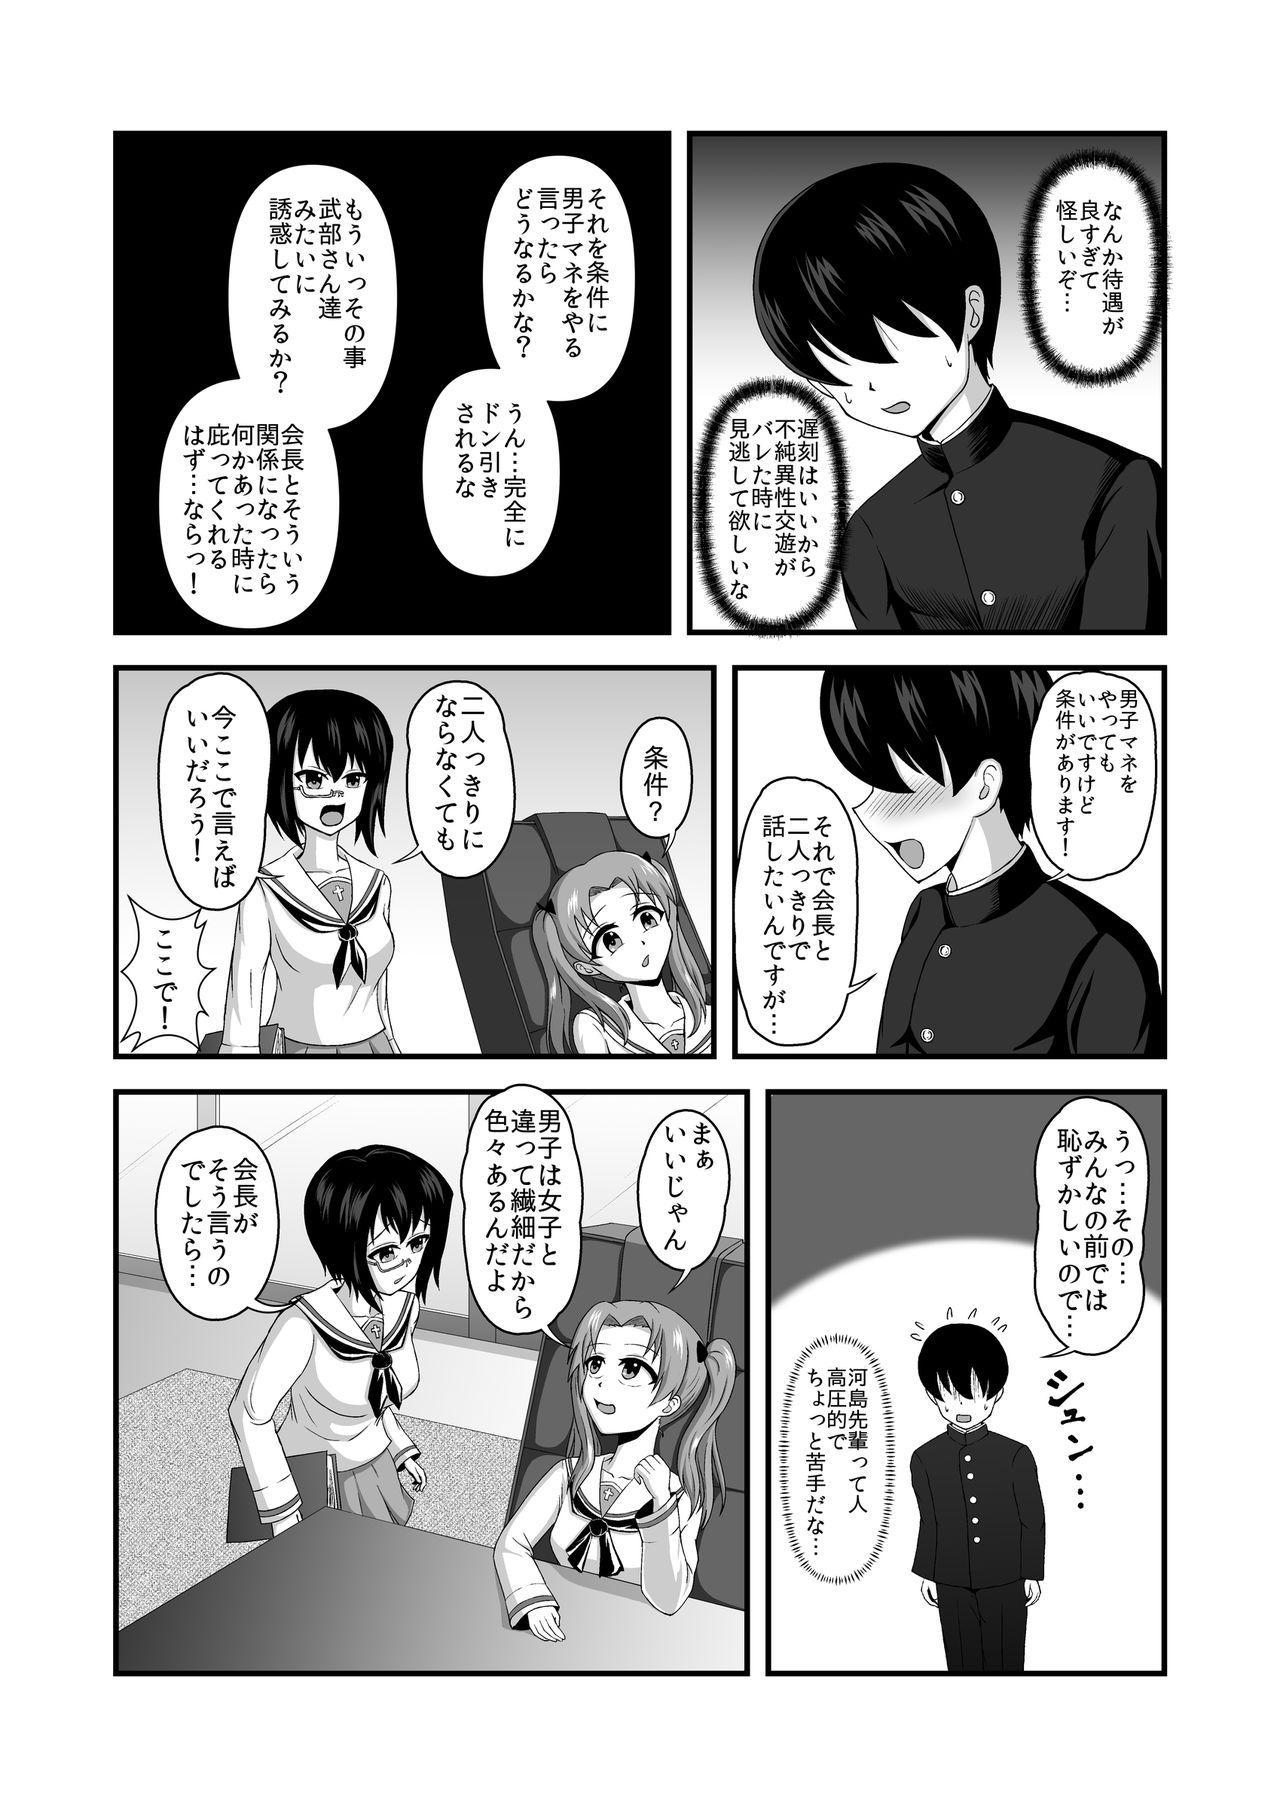 Teisou Gyakuten Abekobe Banashi 2 11